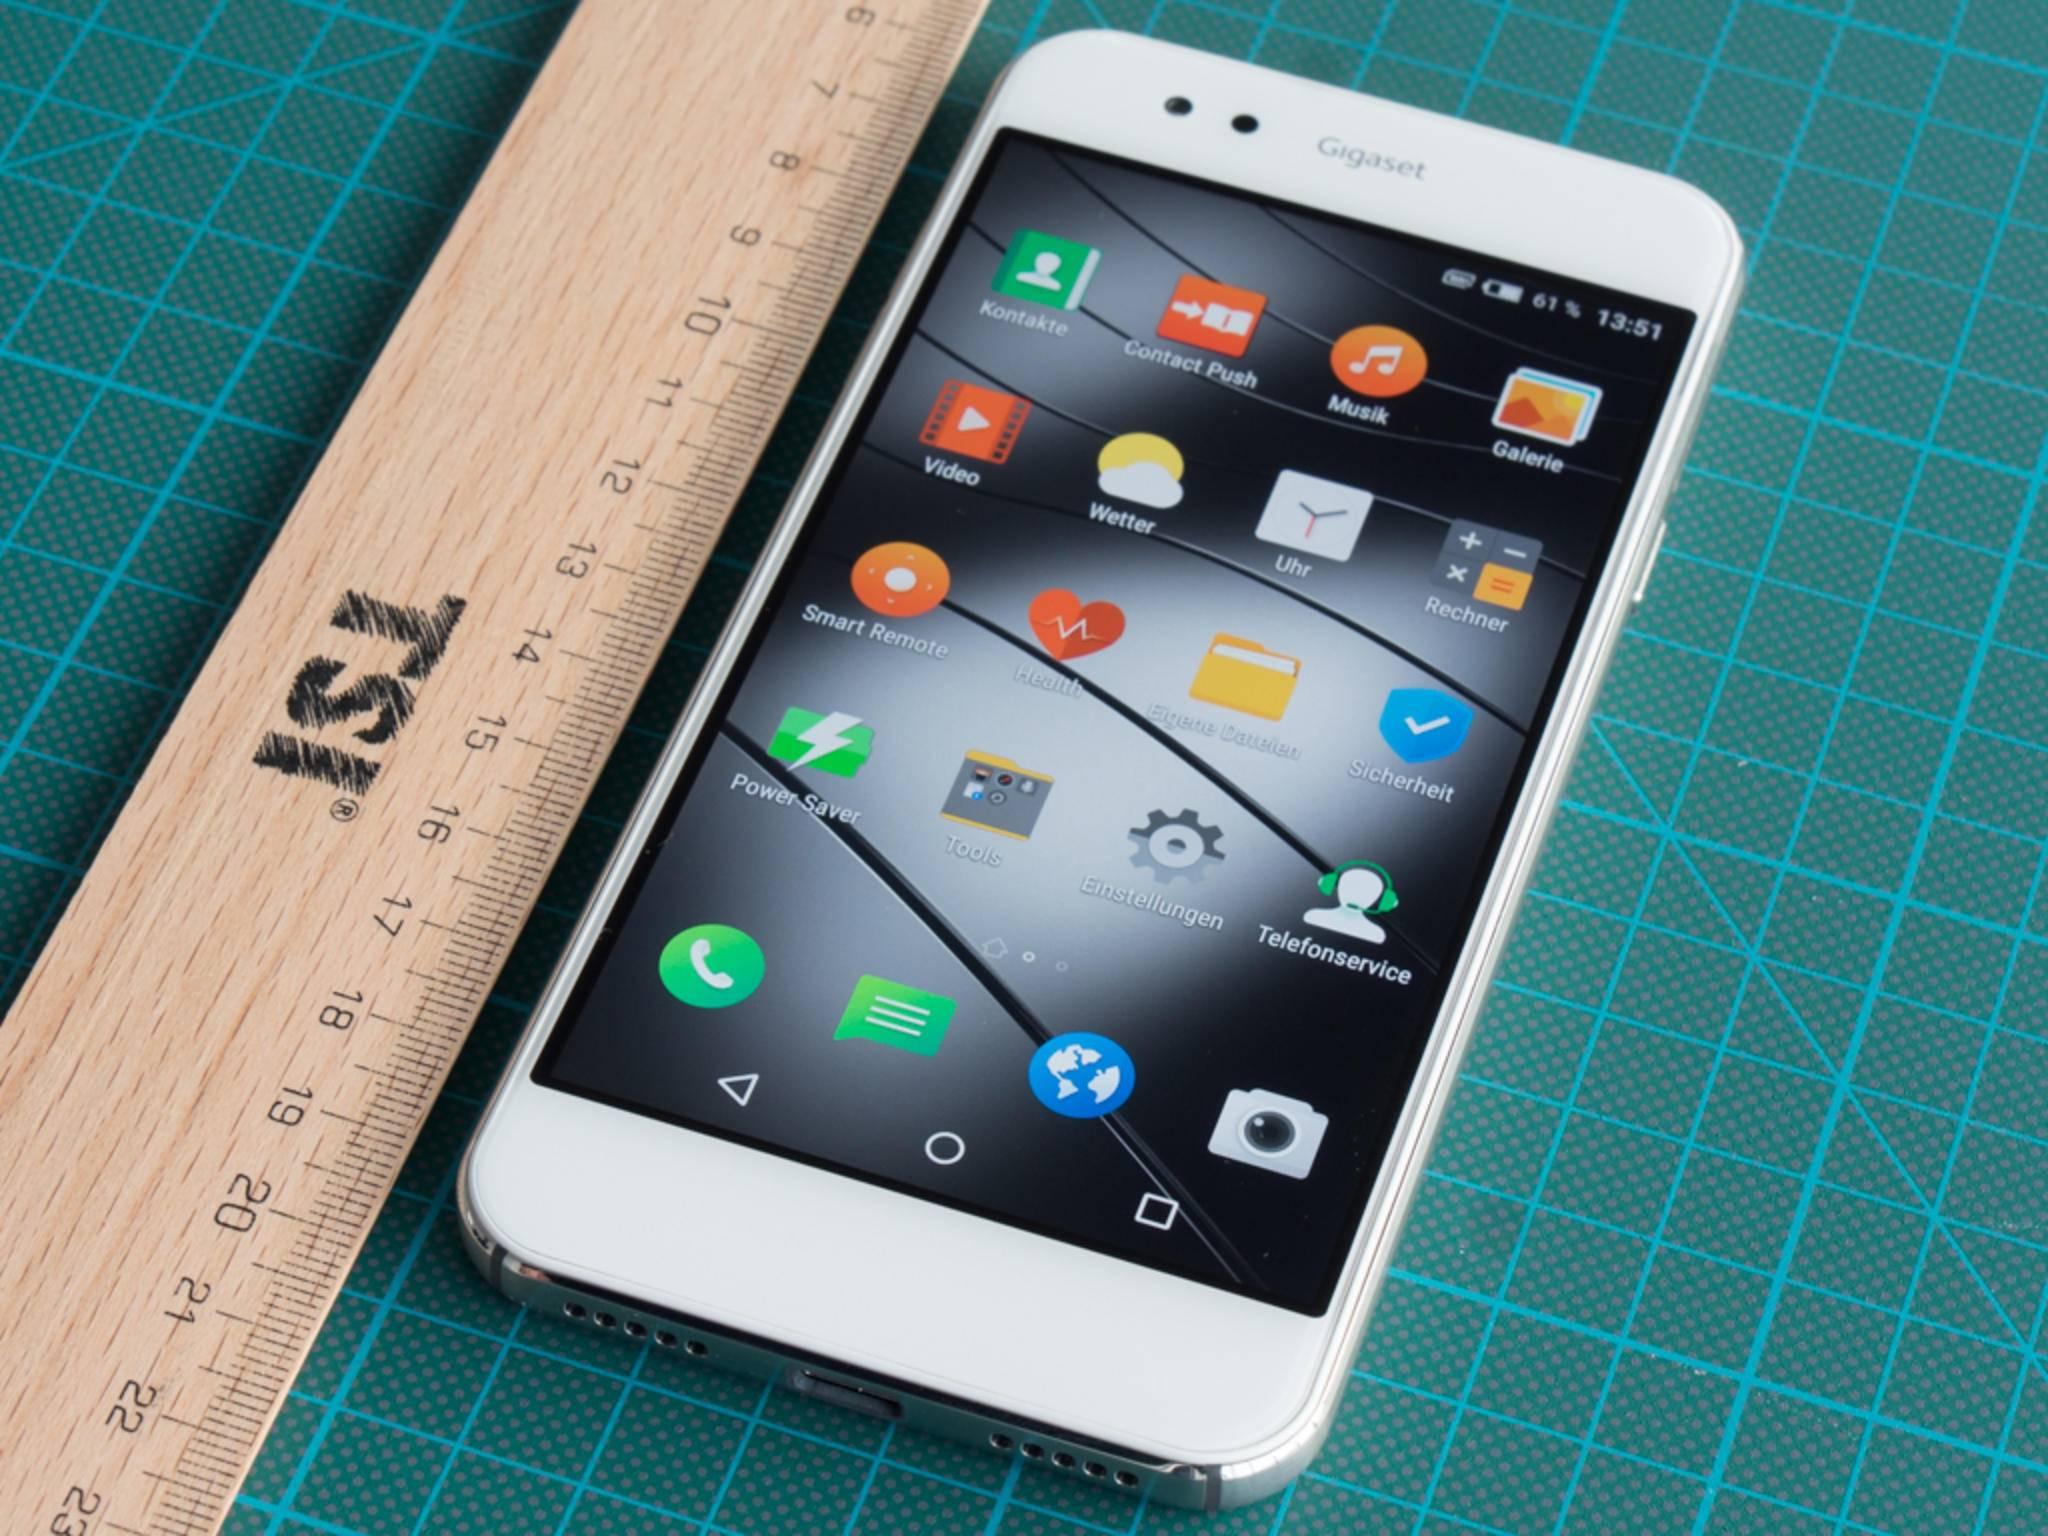 Das Gigaset ME kommt mit vorinstalliertem Android 5.1.1 Lollipop zum Käufer.